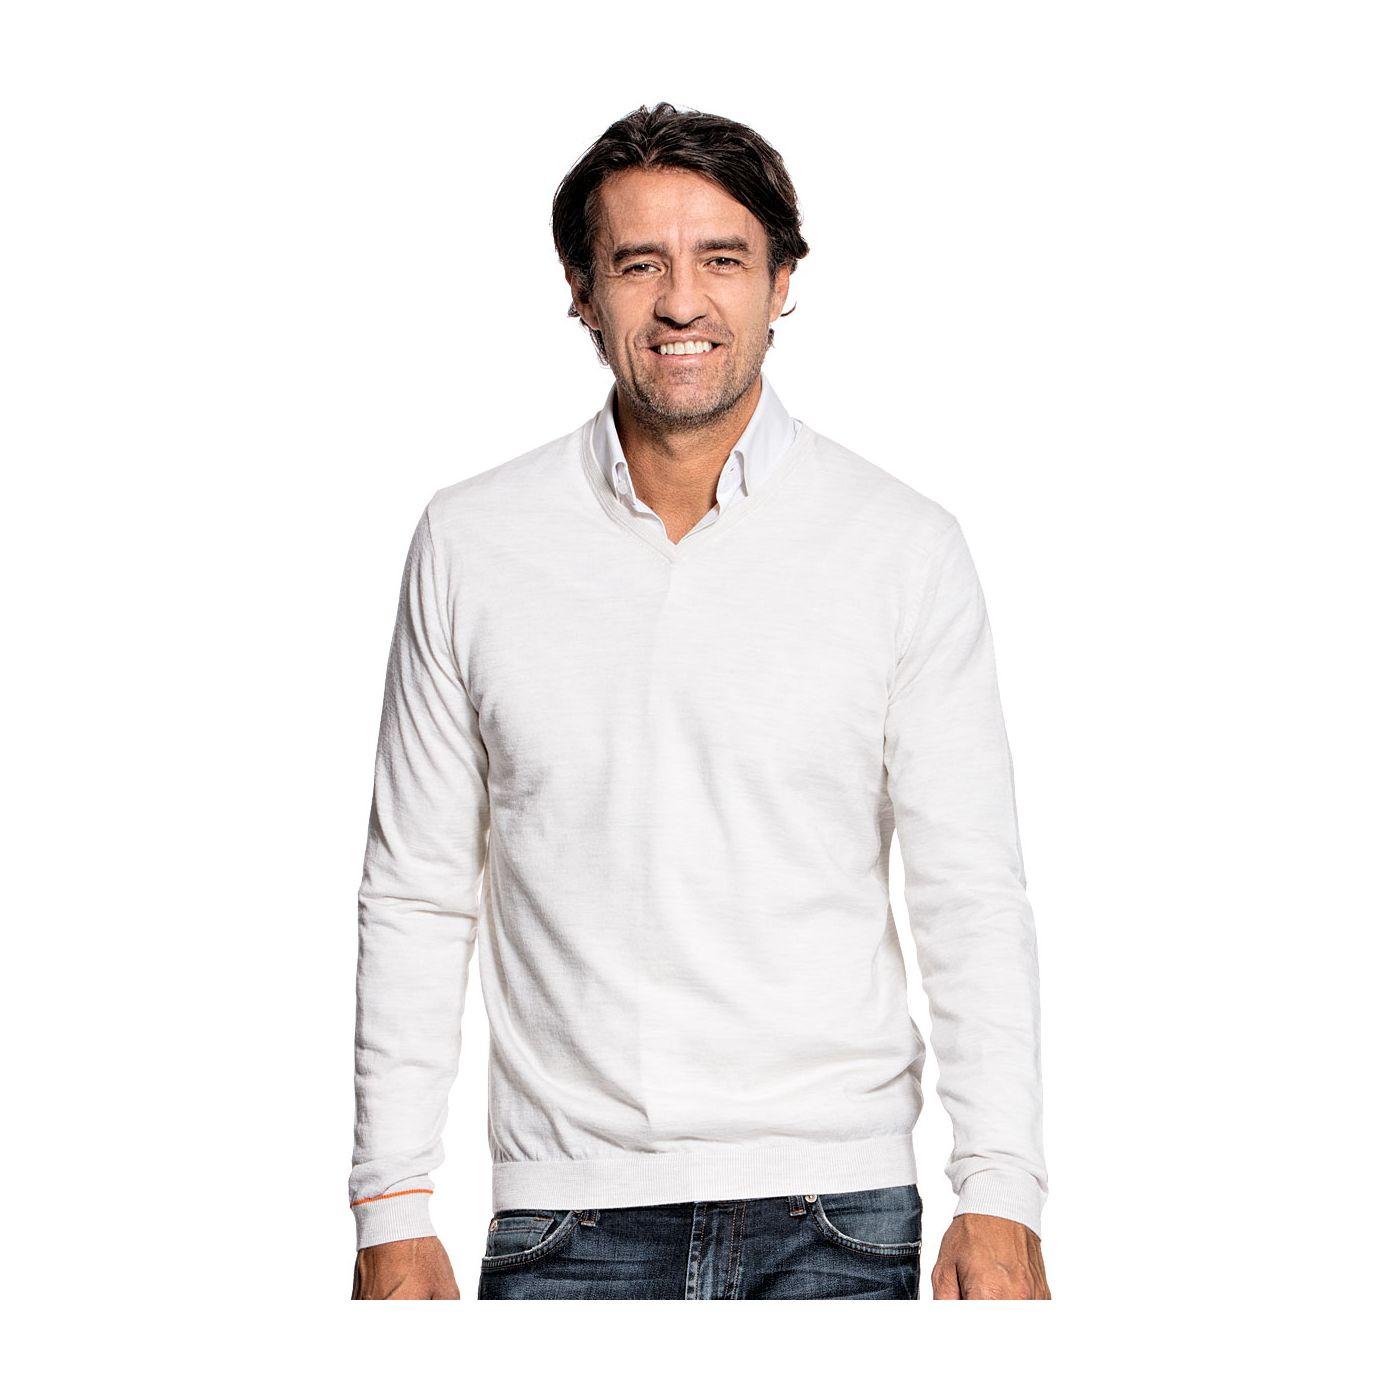 V-Neck sweater for men made of Merino wool in White